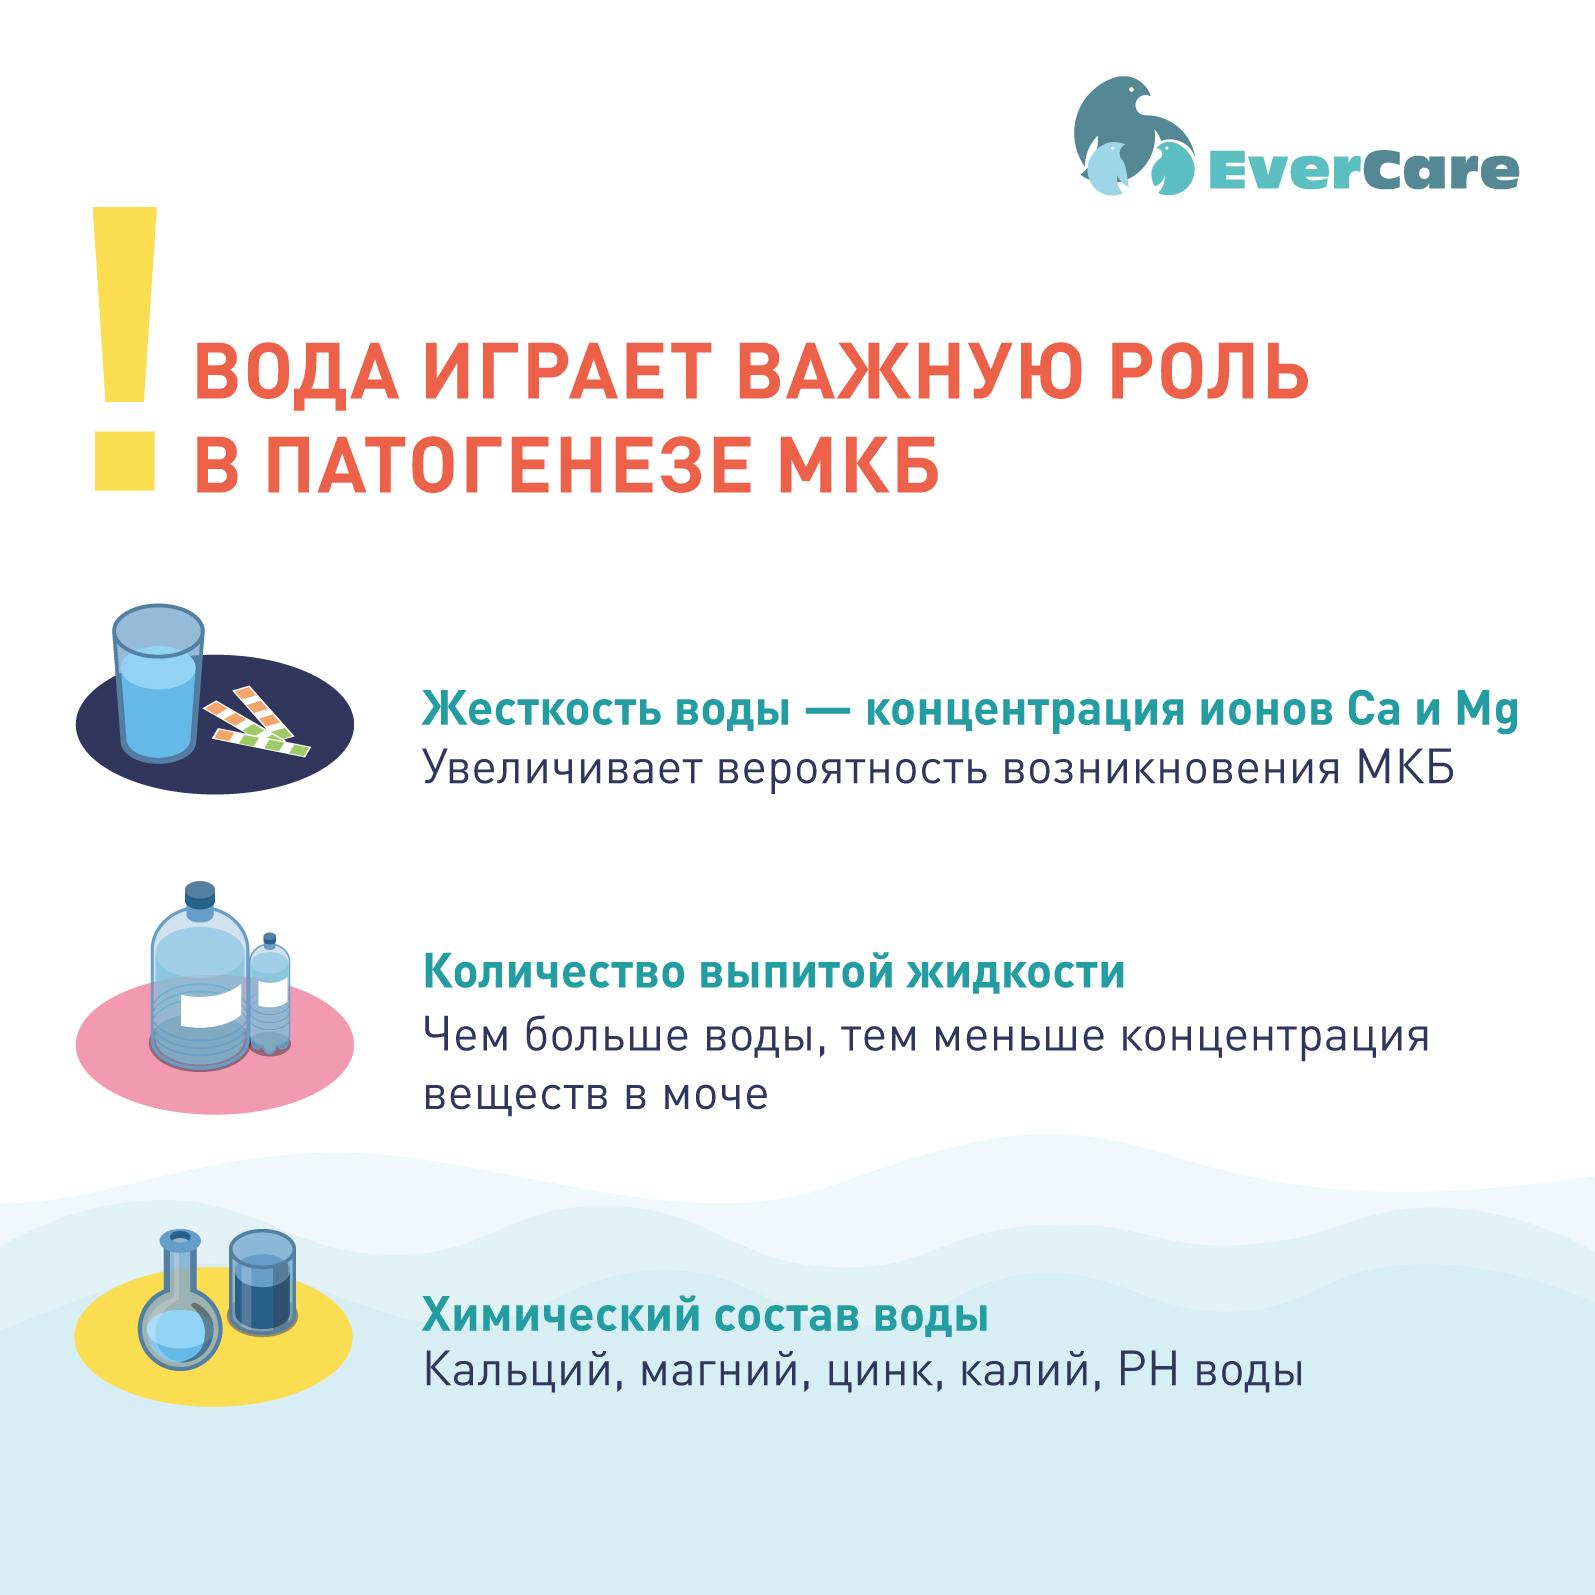 Профилактика и метафилактика мочекаменной болезни. Вода и питьевой режим